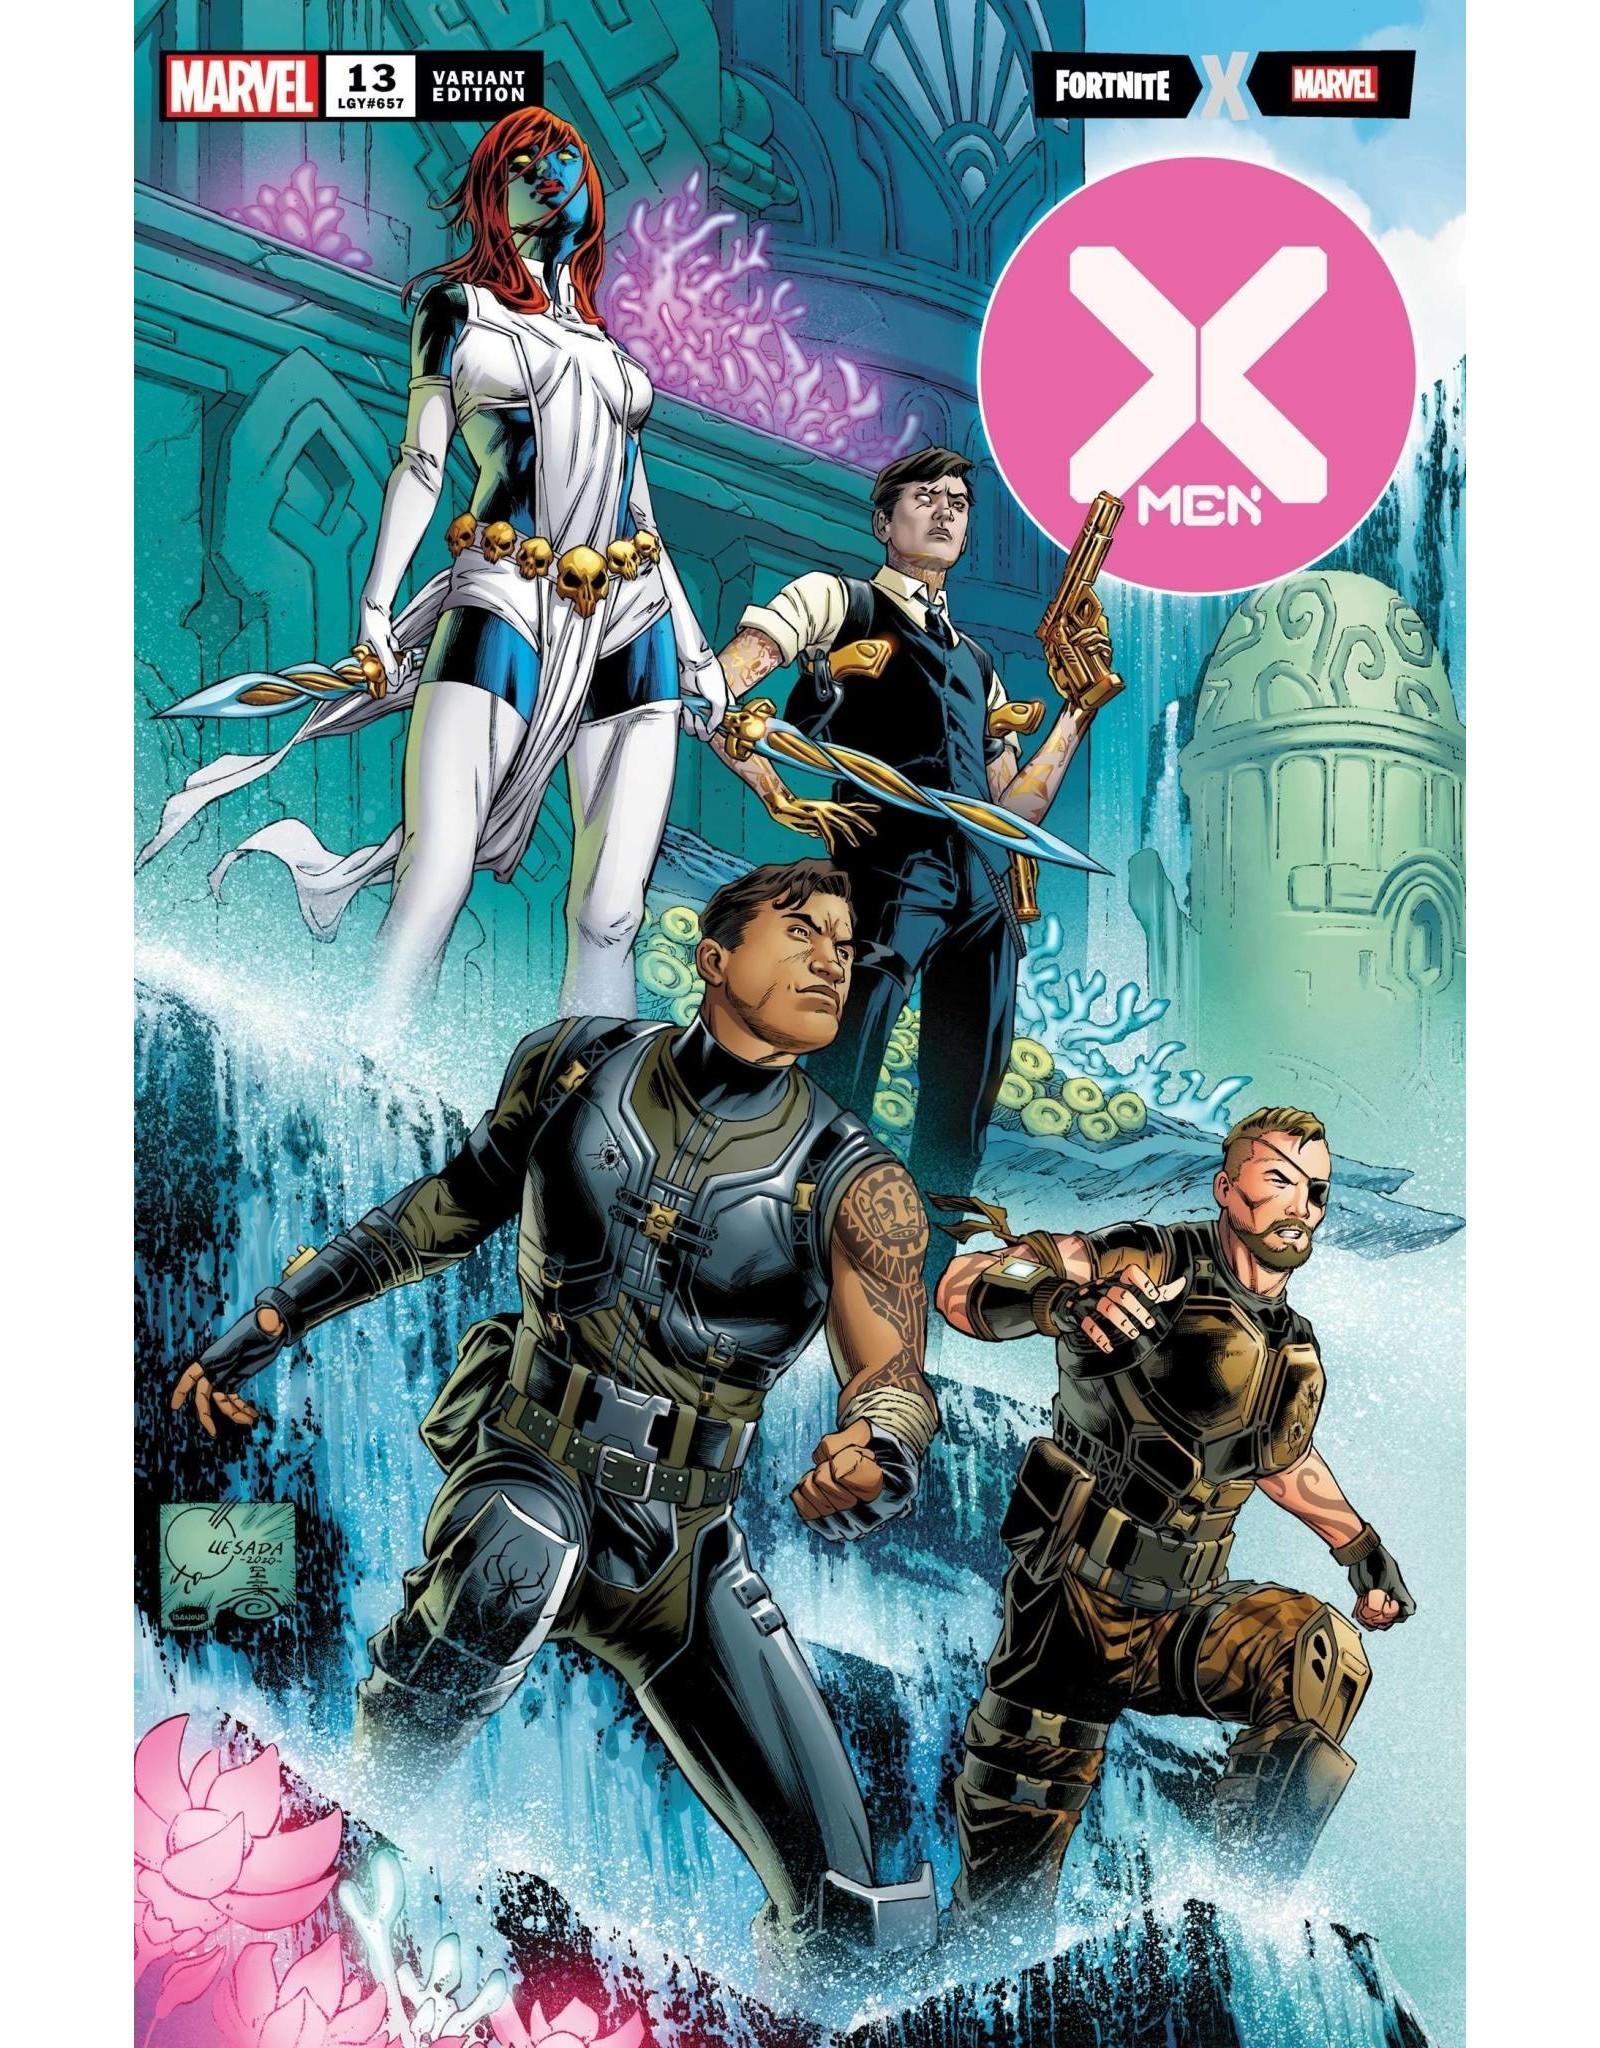 Marvel Comics X-MEN #13 QUESADA FORTNITE VAR XOS